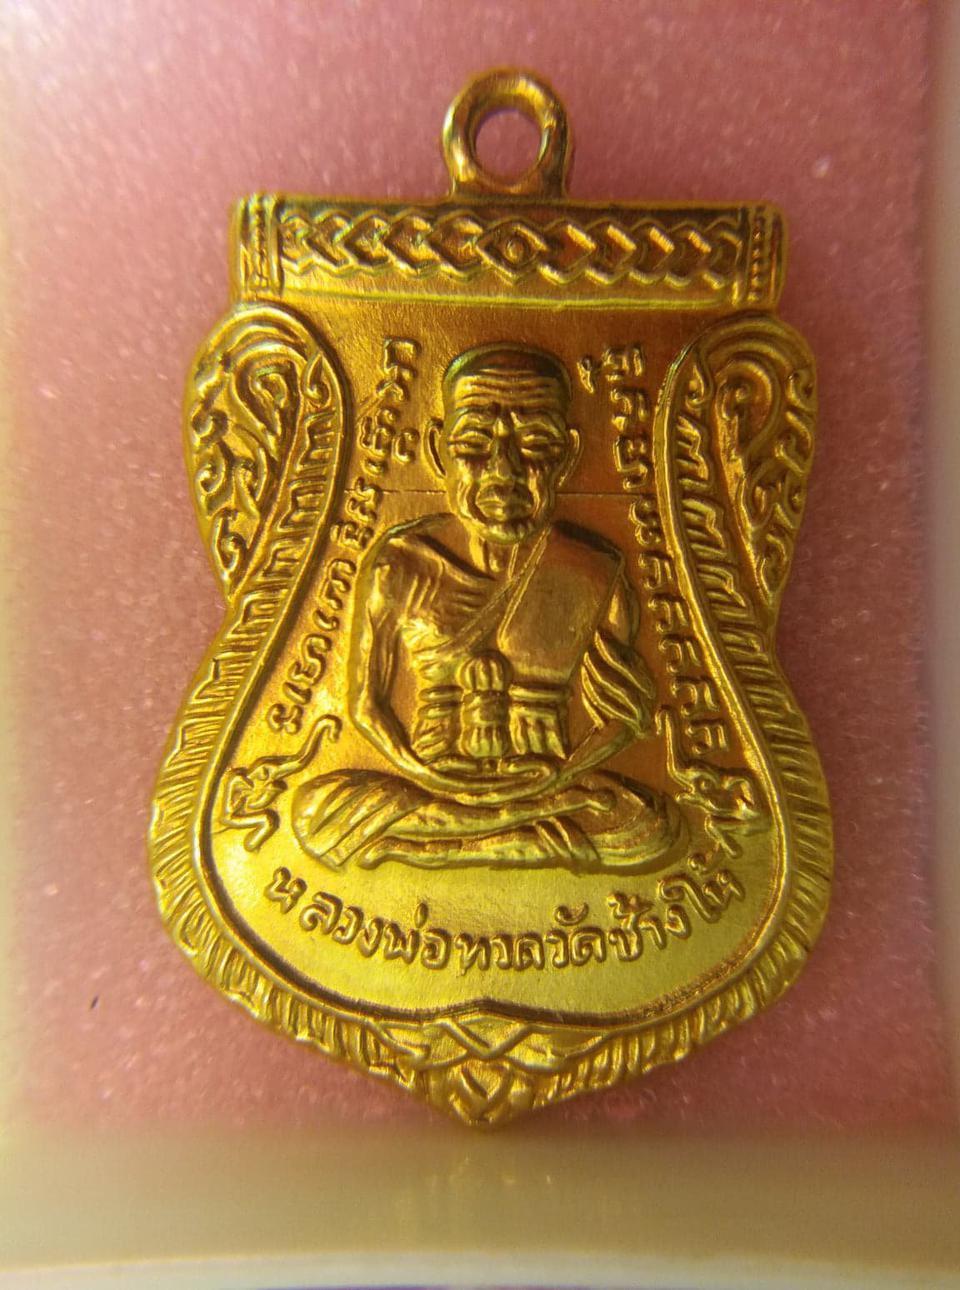 เหรียญเลื่อนสมณศักดิ์วัดช้างให้ปี 08 เนื้อทองคำแท้ สนใจทักมา รูปที่ 5